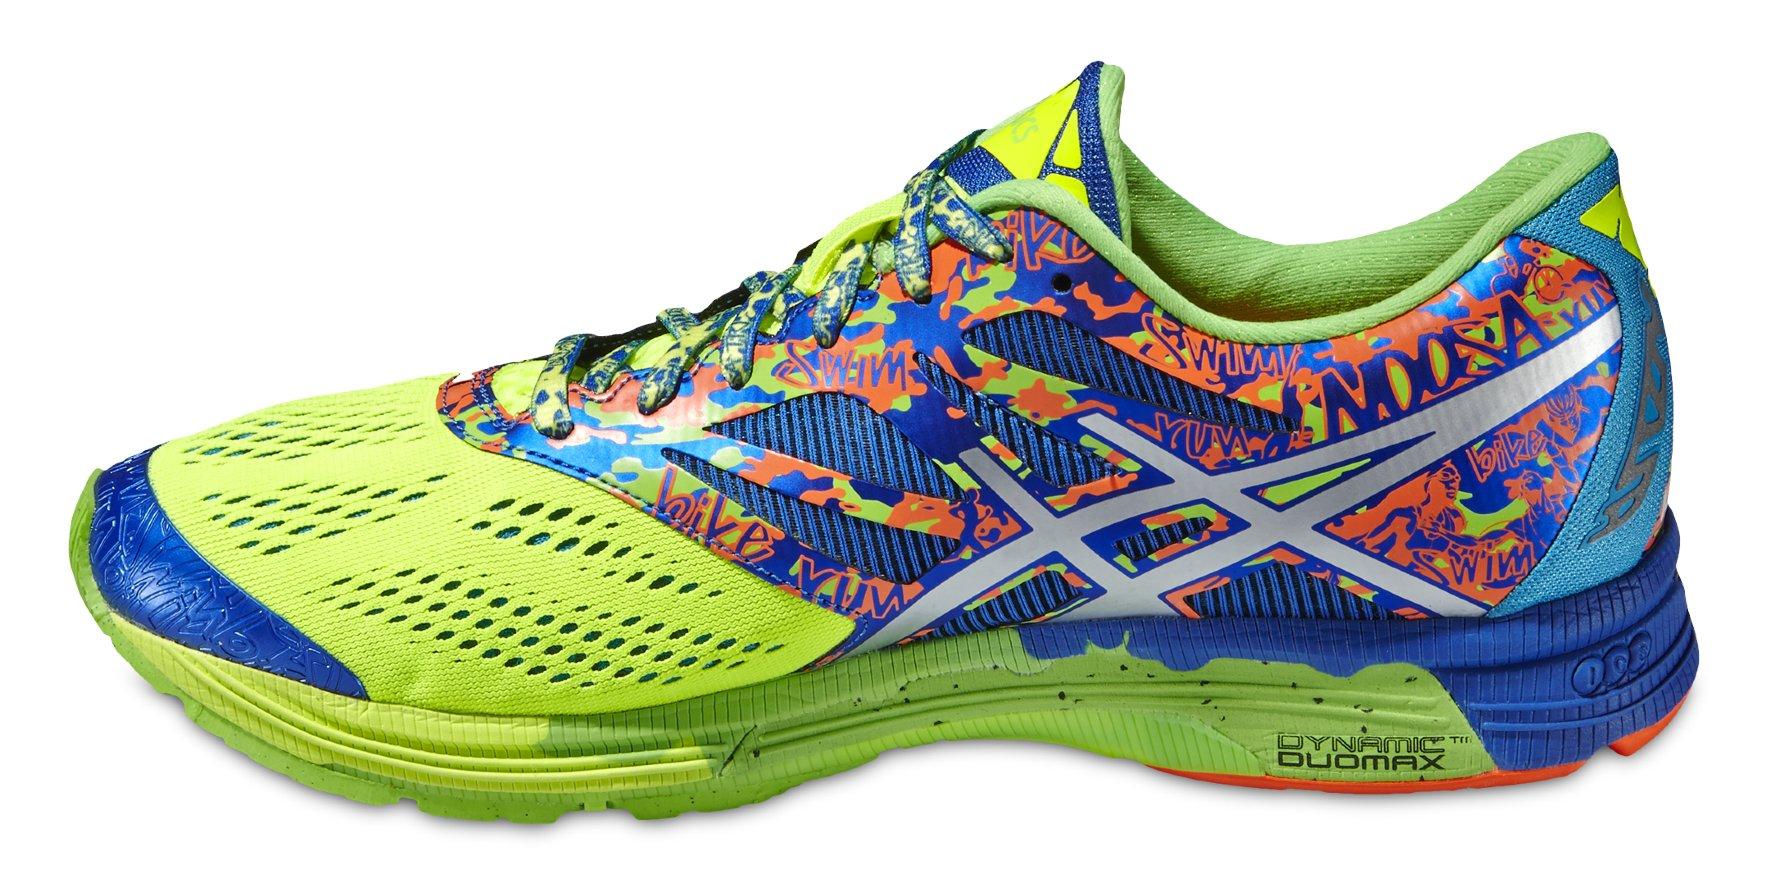 b8ade370 Купить кроссовки Asics Gel-Noosa Tri 10 | Интернет-магазин RunLab